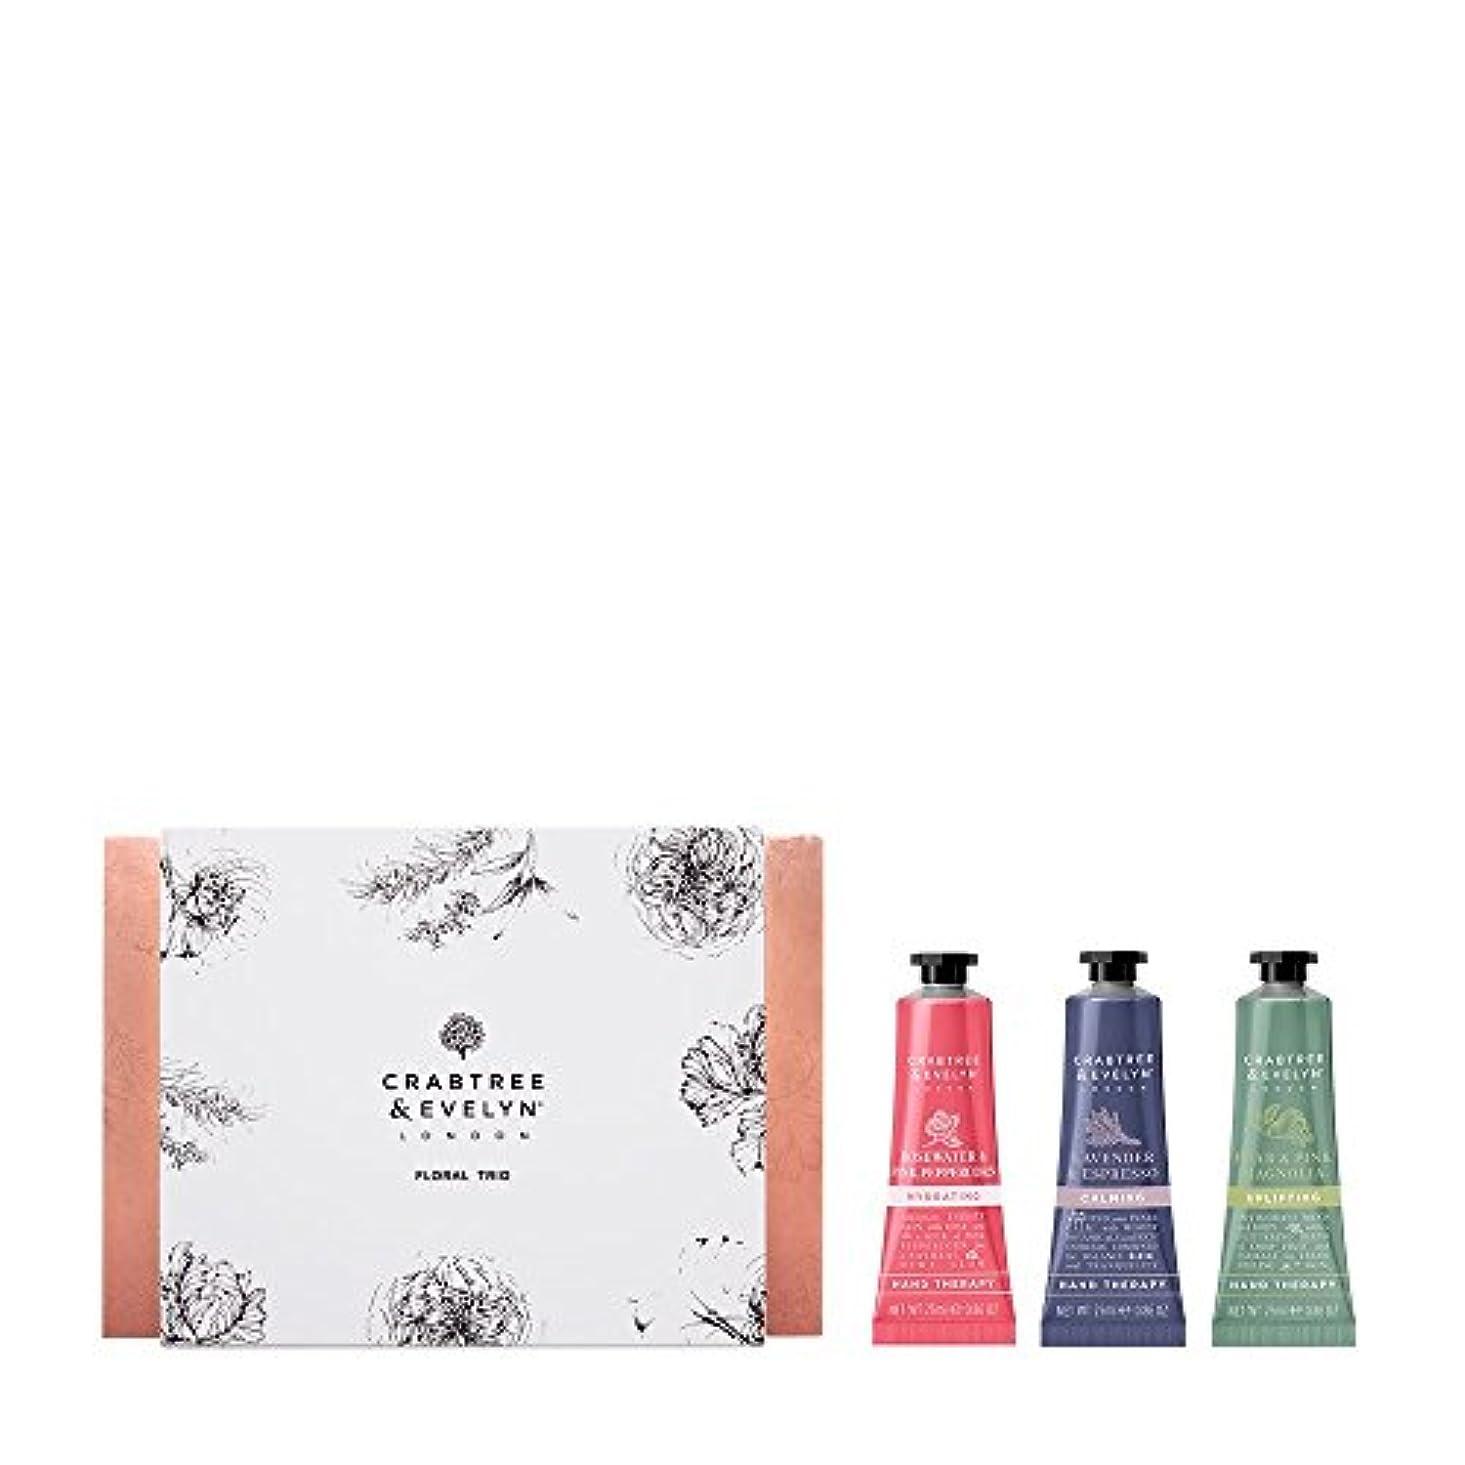 さびた砲撃パトロンクラブツリー&イヴリン Floral Hand Therapy Trio (1x Pear & Pink Magnolia, 1x Rosewater & Pink Peppercorn, 1x Lavender & Espresso...